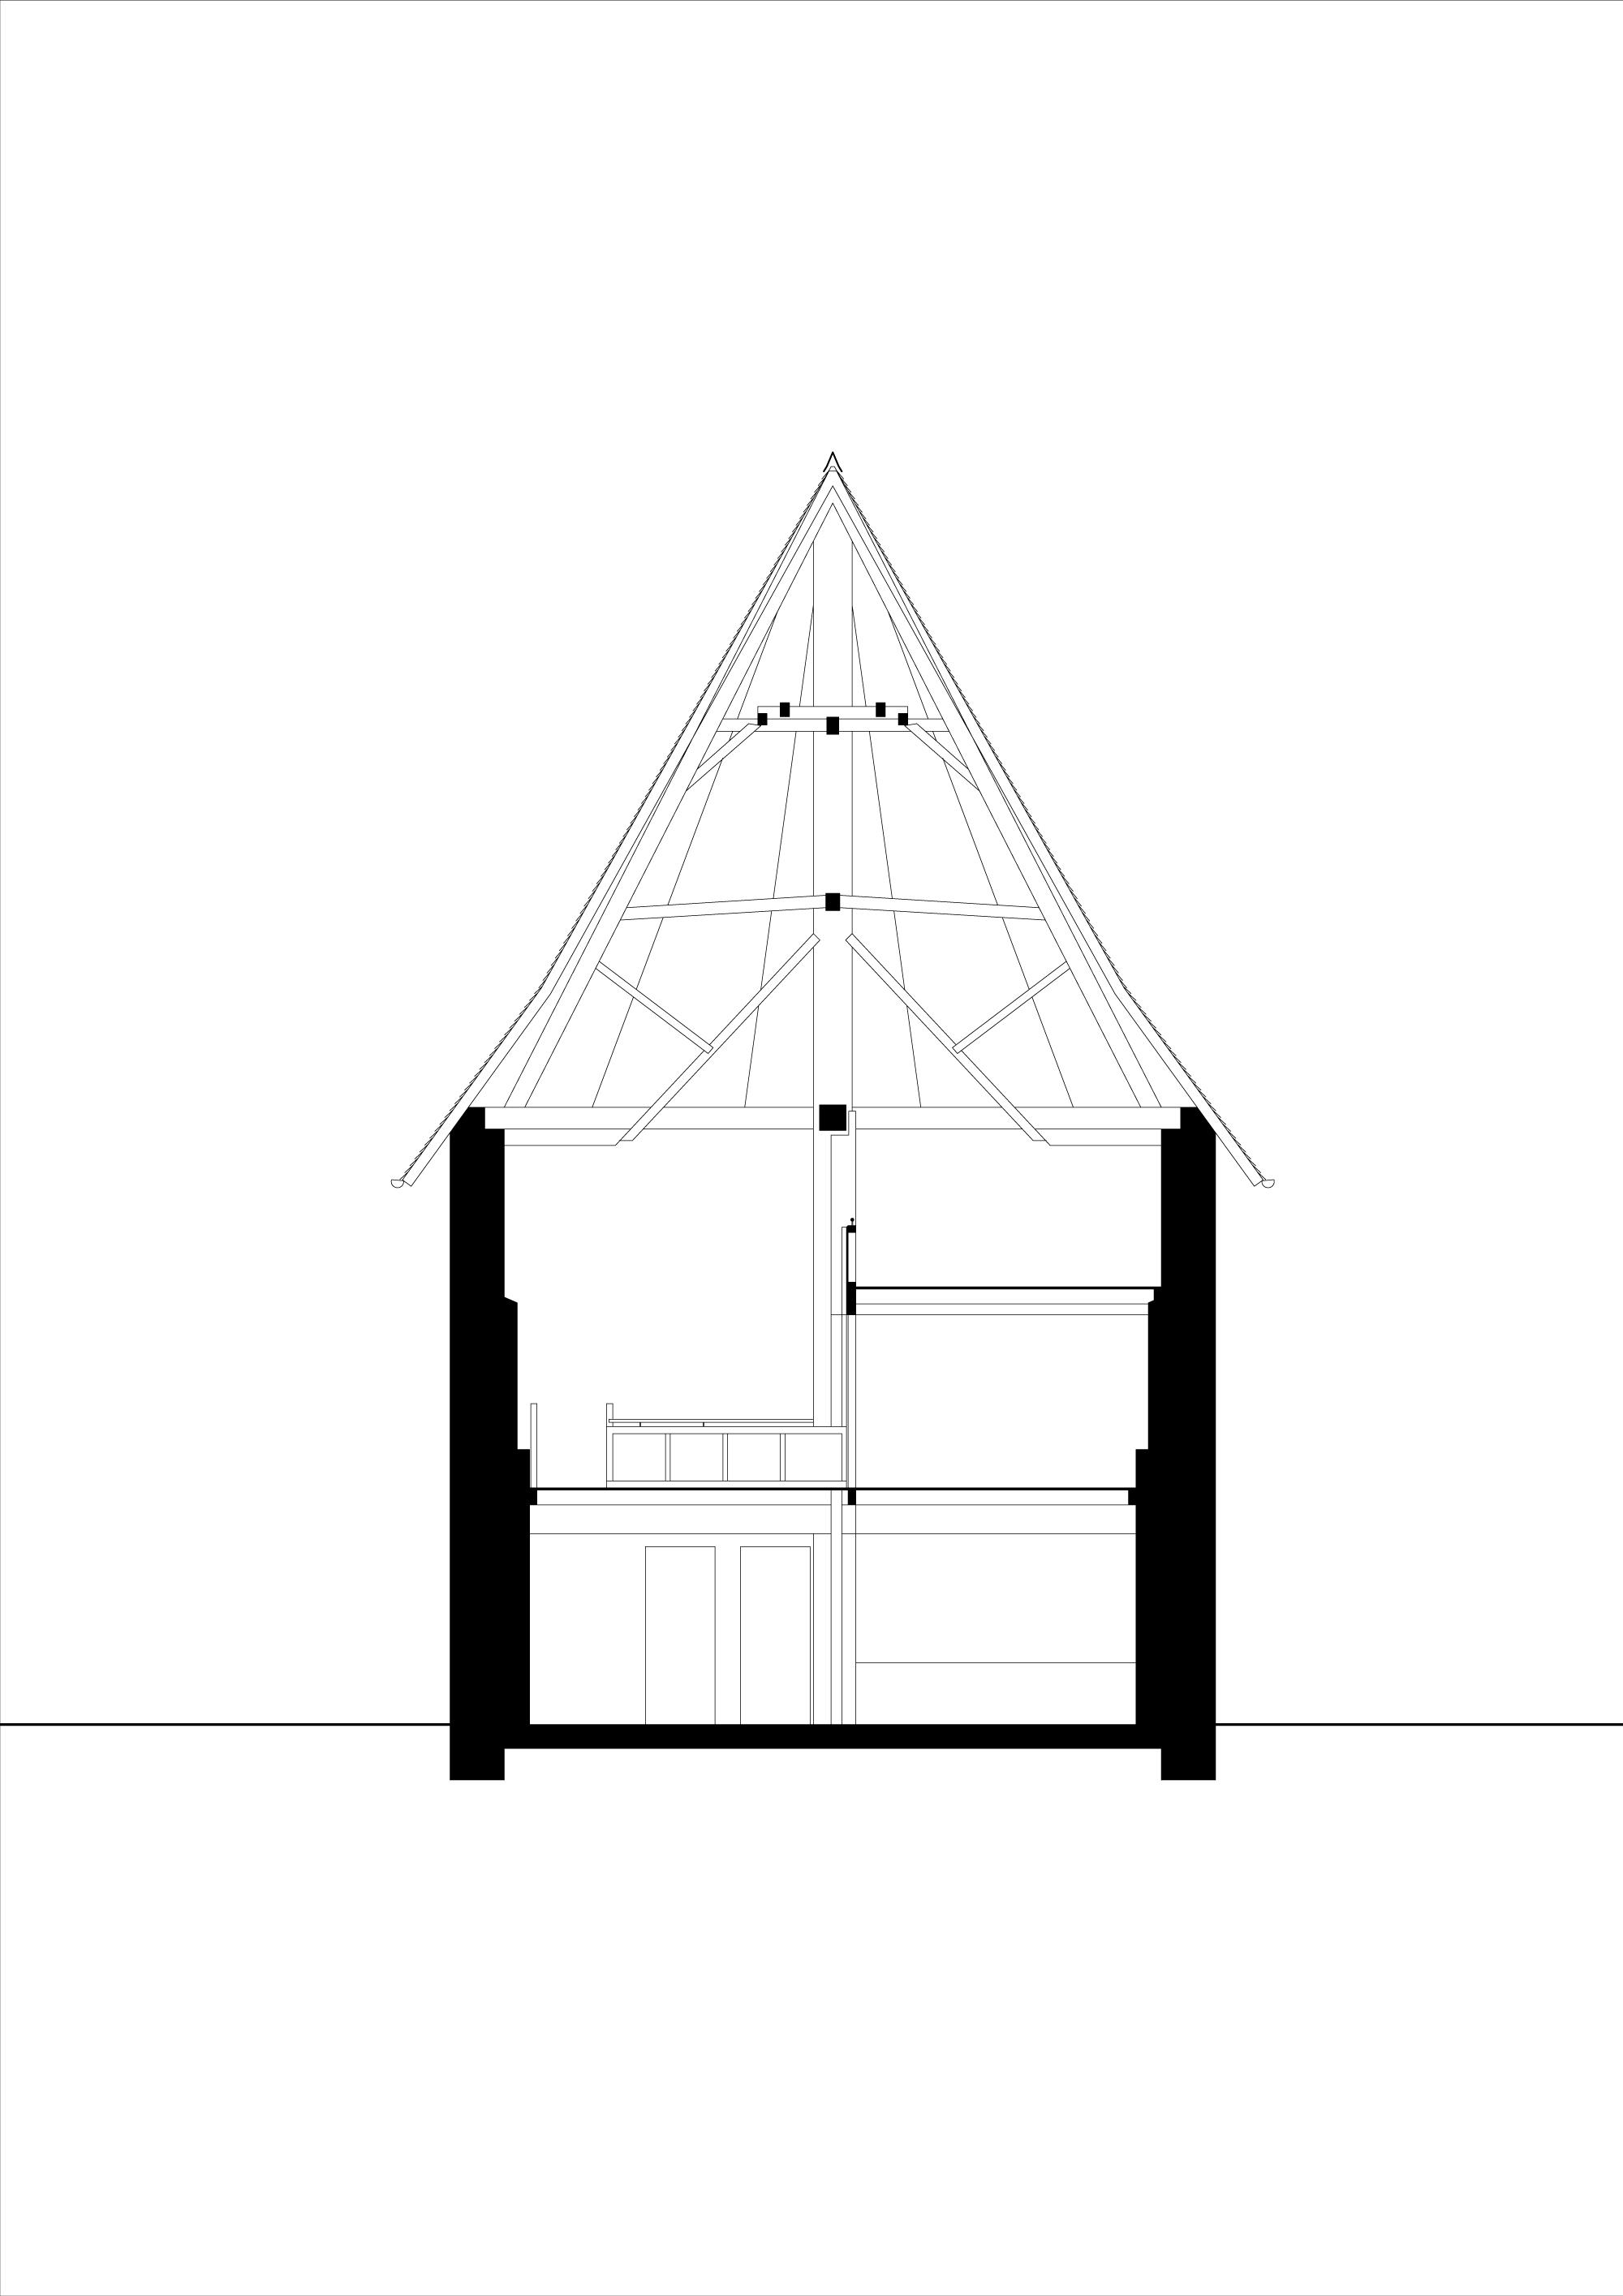 Schnitt-Pulverturm_01.jpg